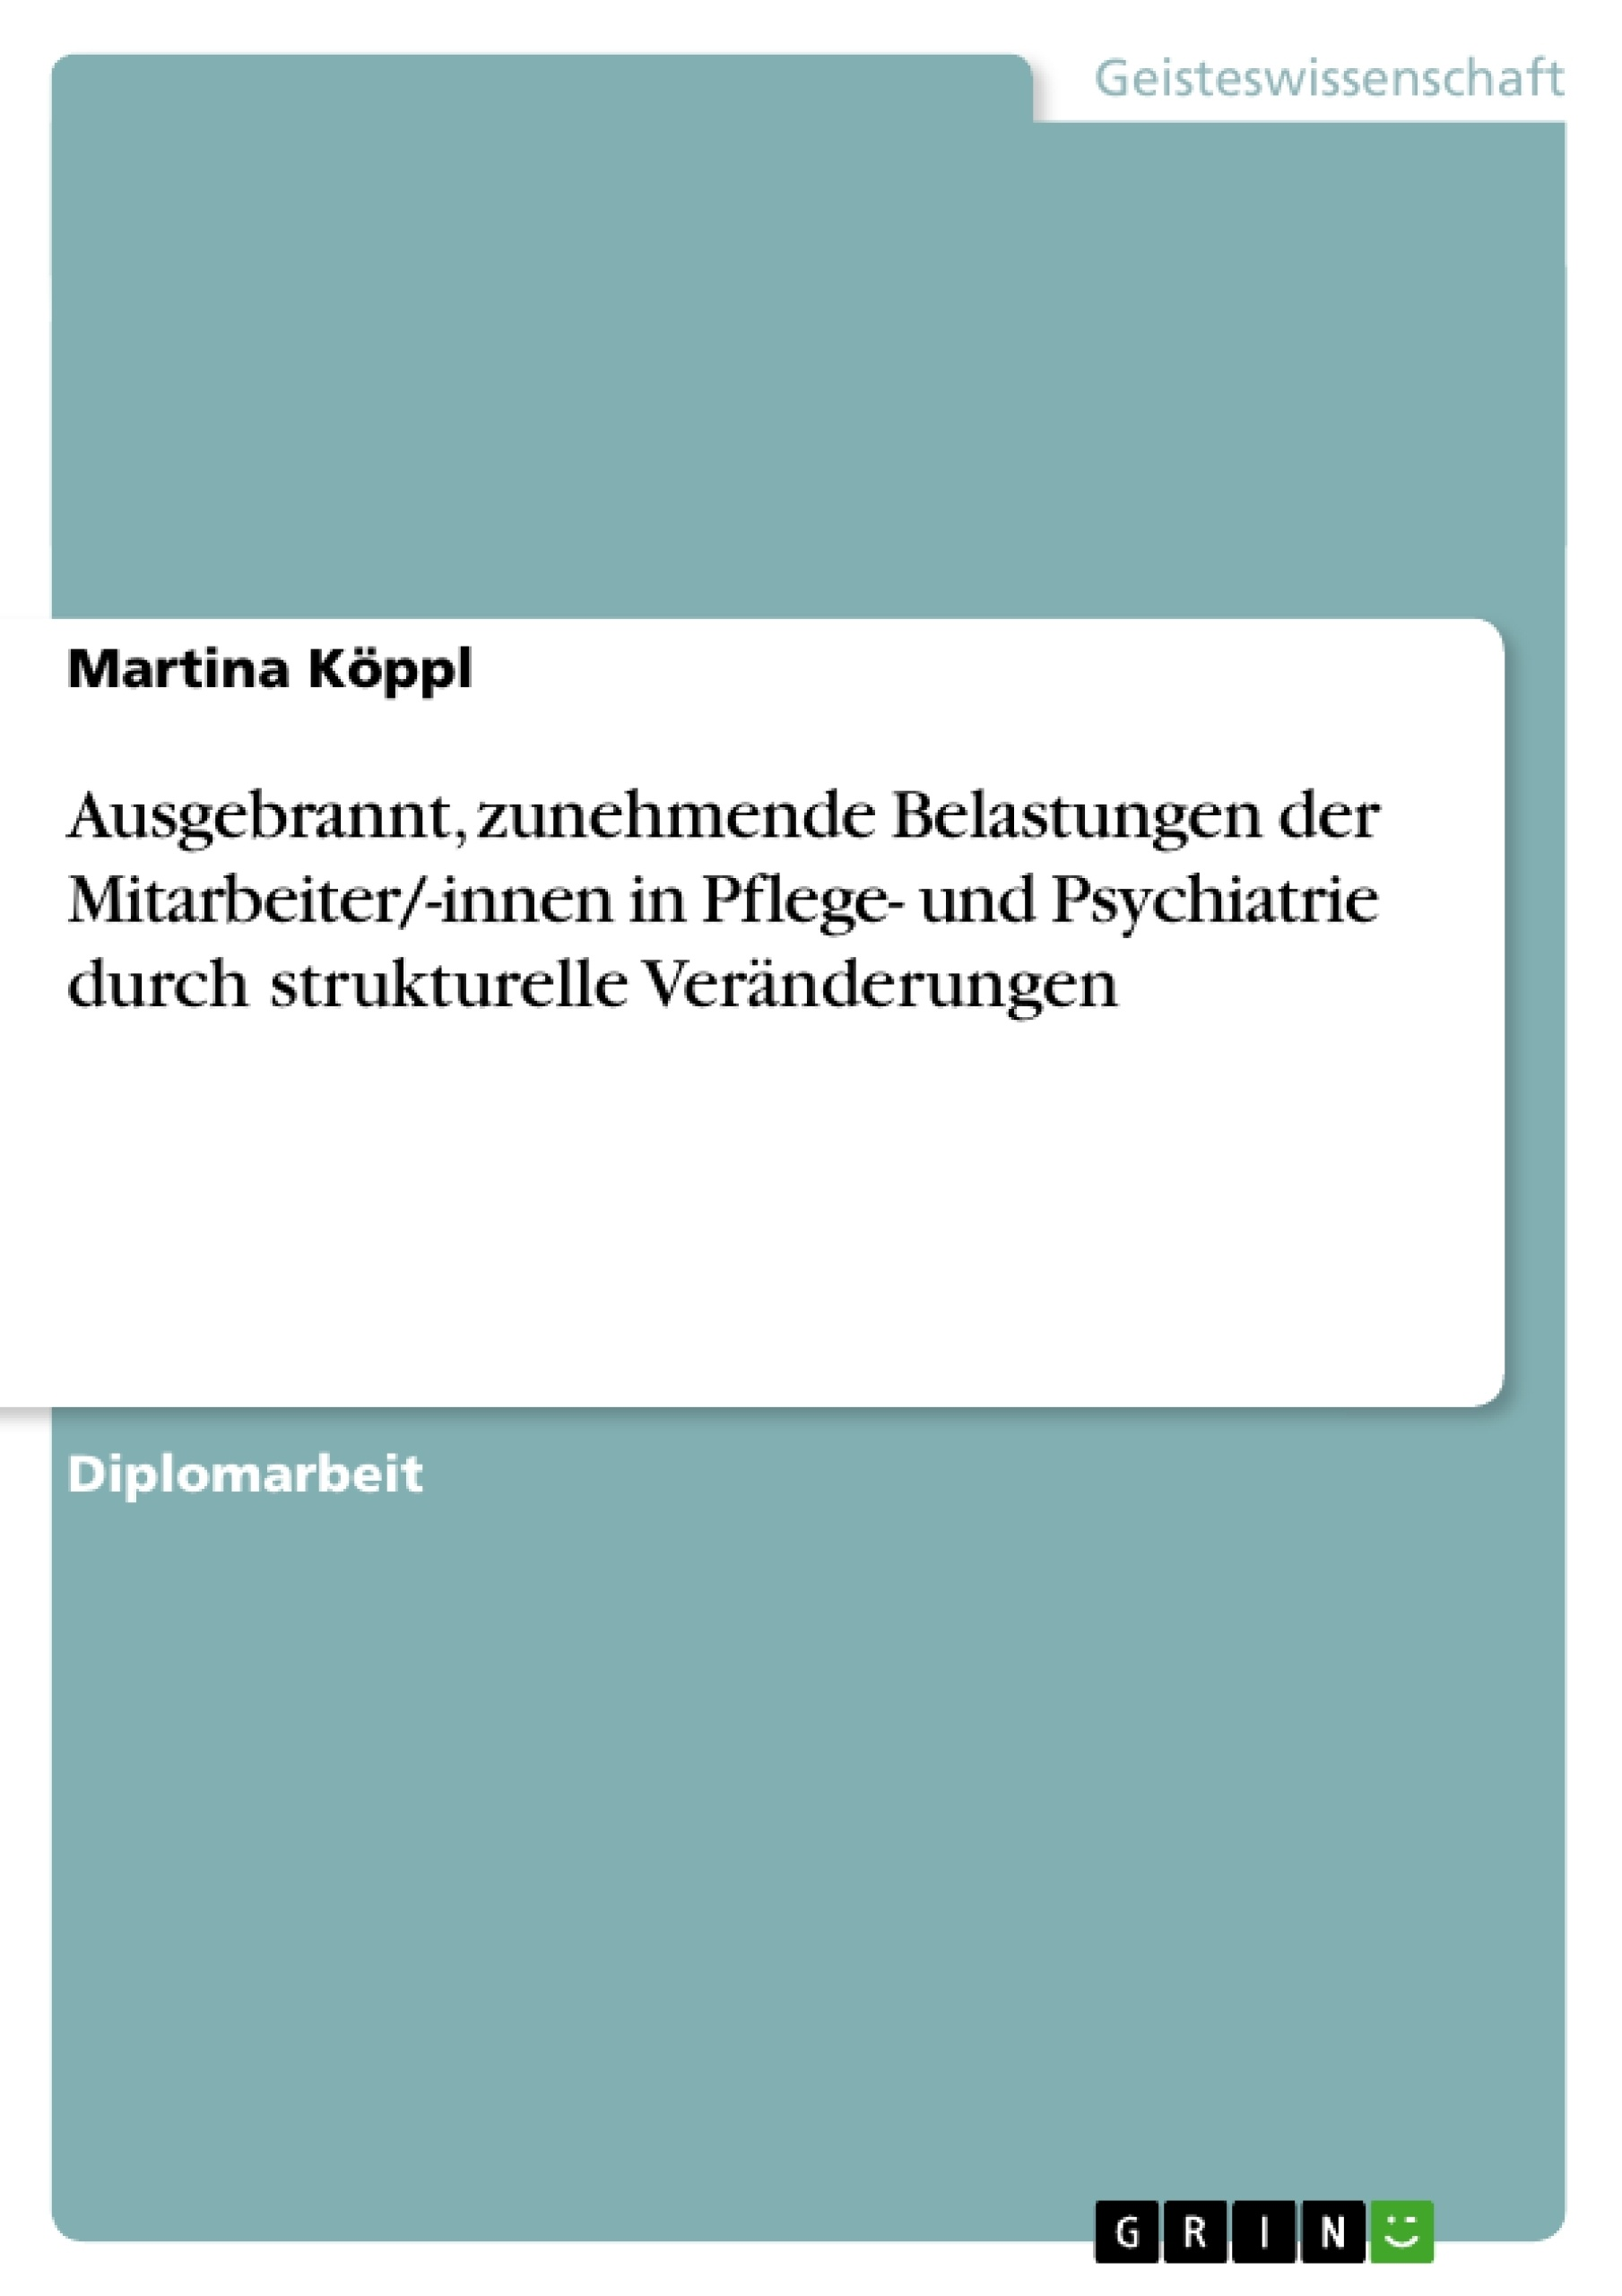 Titel: Ausgebrannt, zunehmende Belastungen der Mitarbeiter/-innen in Pflege- und Psychiatrie durch strukturelle Veränderungen